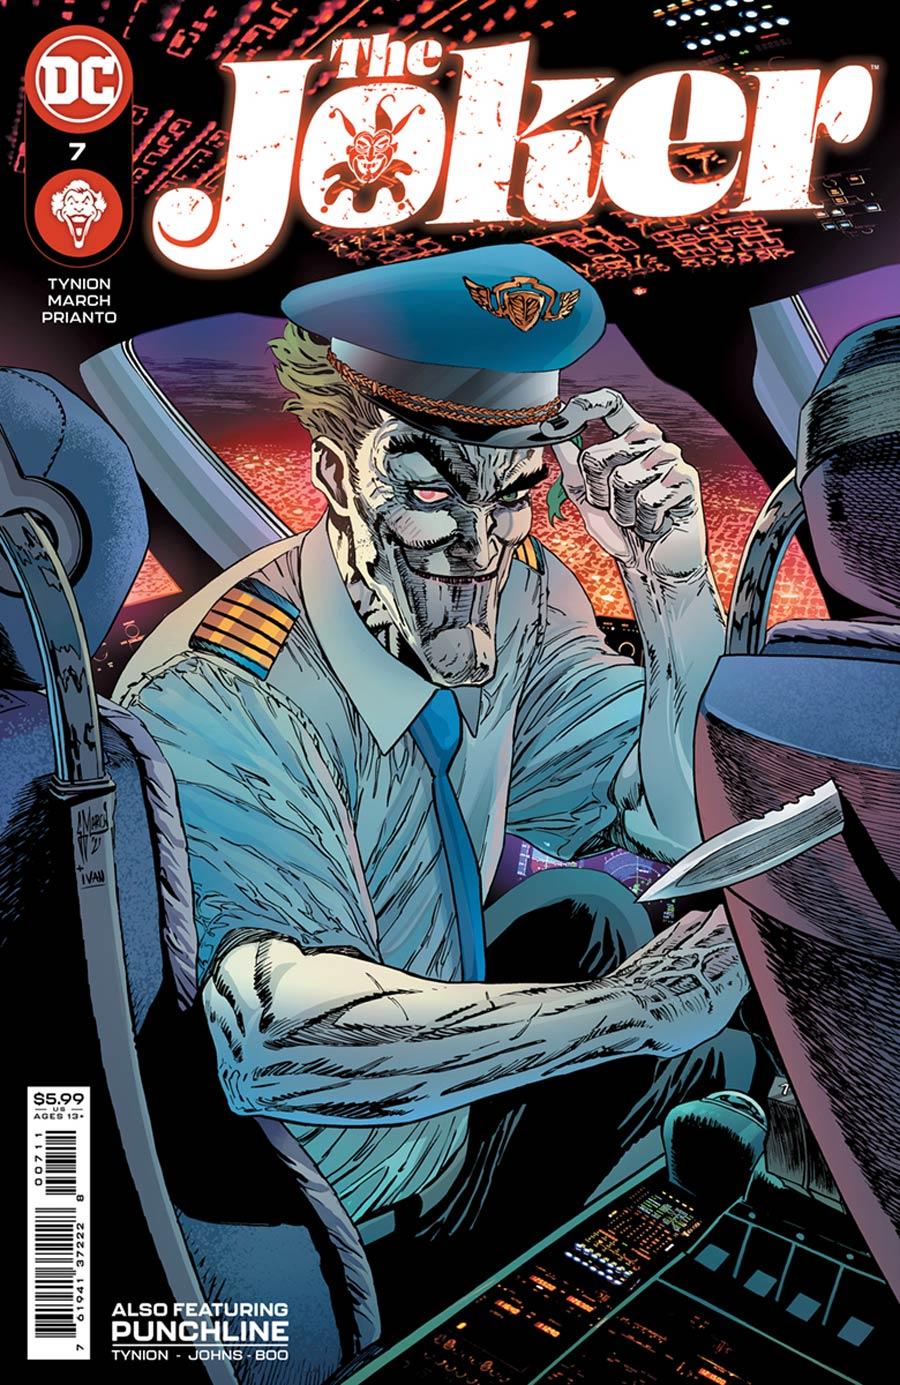 Joker Vol 2 #7 Cover A Regular Guillem March Cover